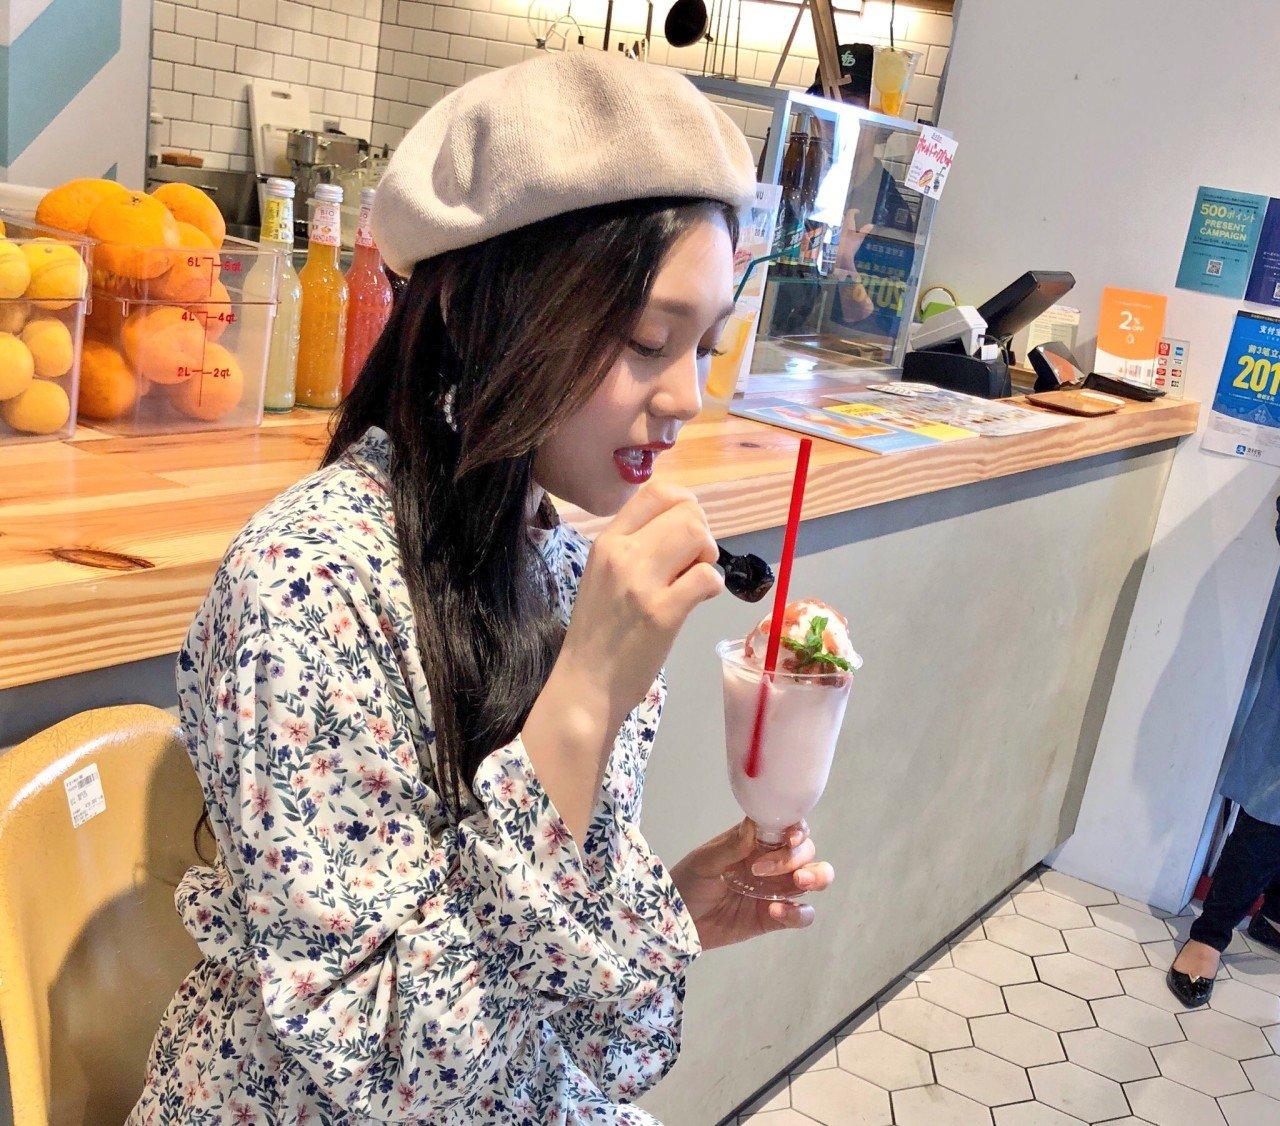 DZ_NdEHUwAcStPV.jpg 여자친구 일본 공트#엄지